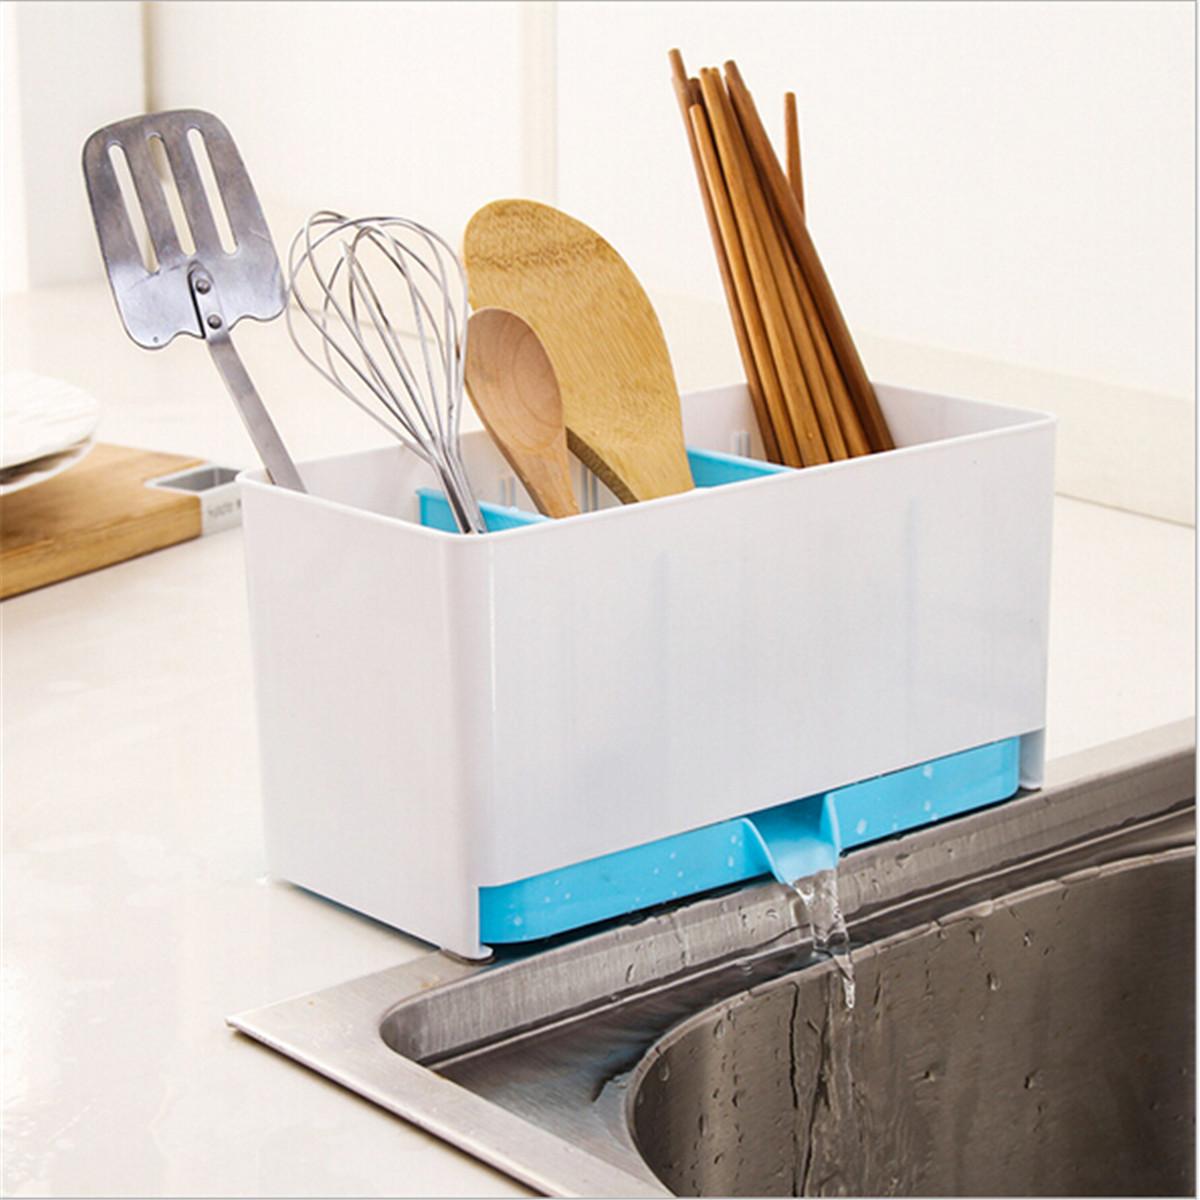 Drain Racks For Kitchen Sinks Kitchen Sink Utensils Holders Drainer New Plastic Racks Organizer